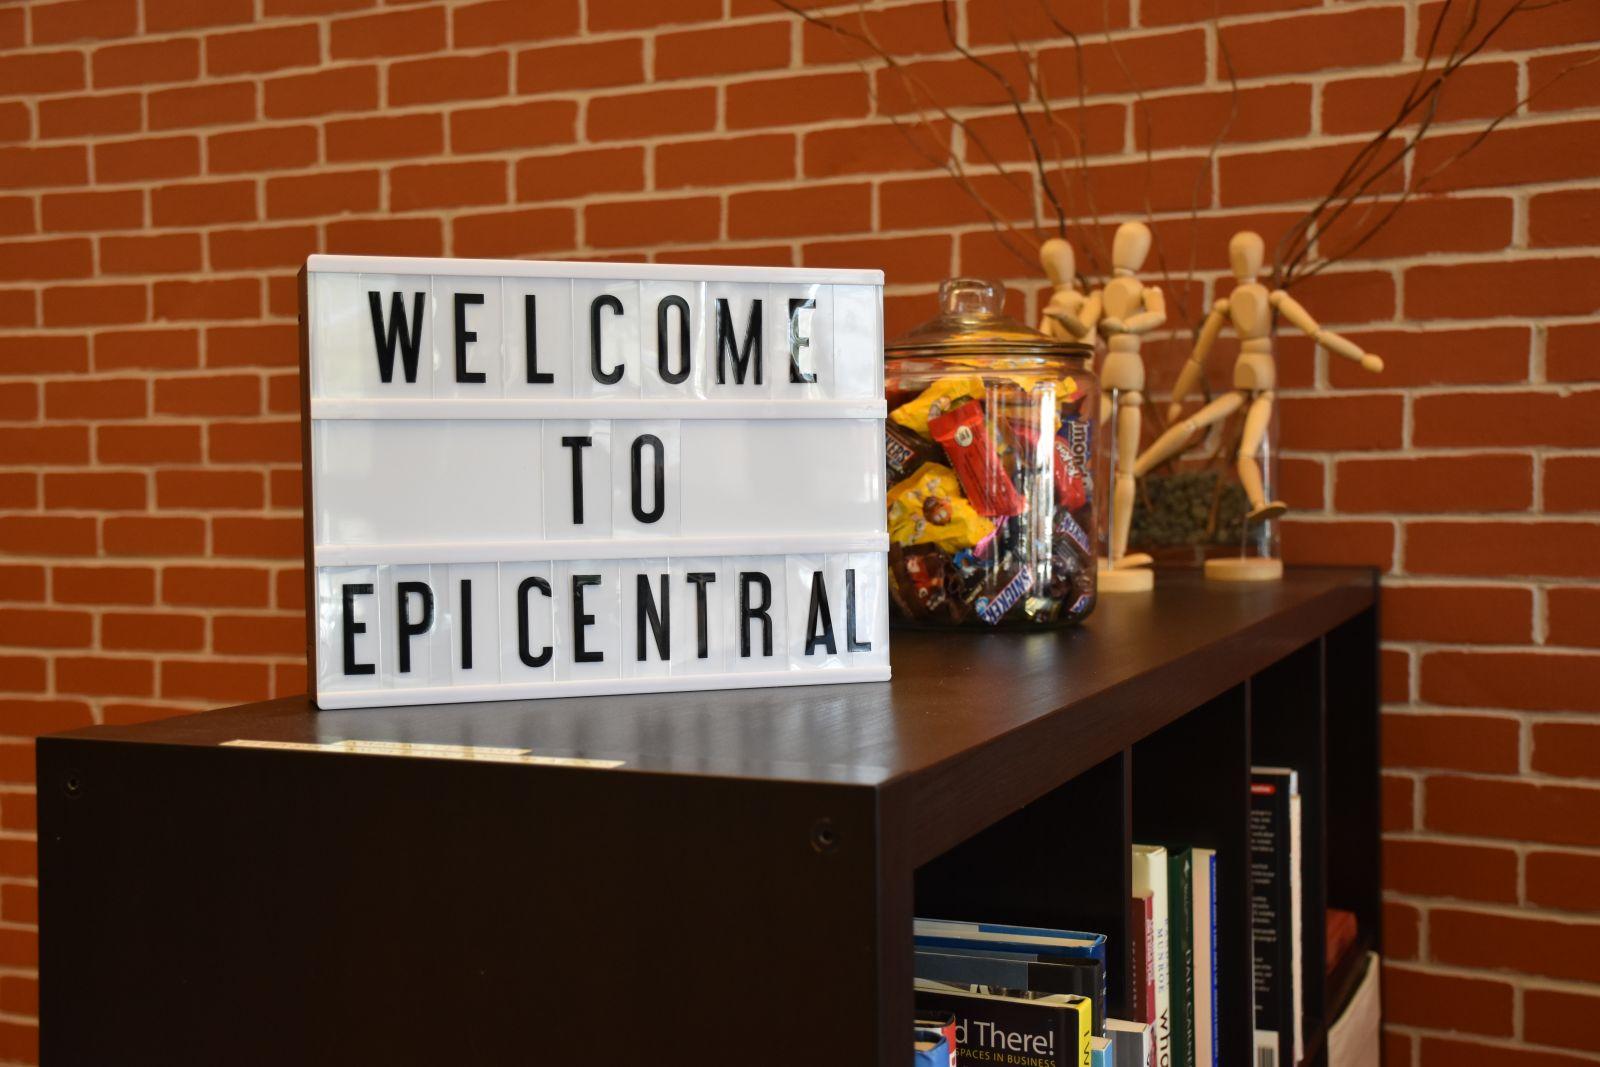 Epicentral Coworking, Colorado Springs